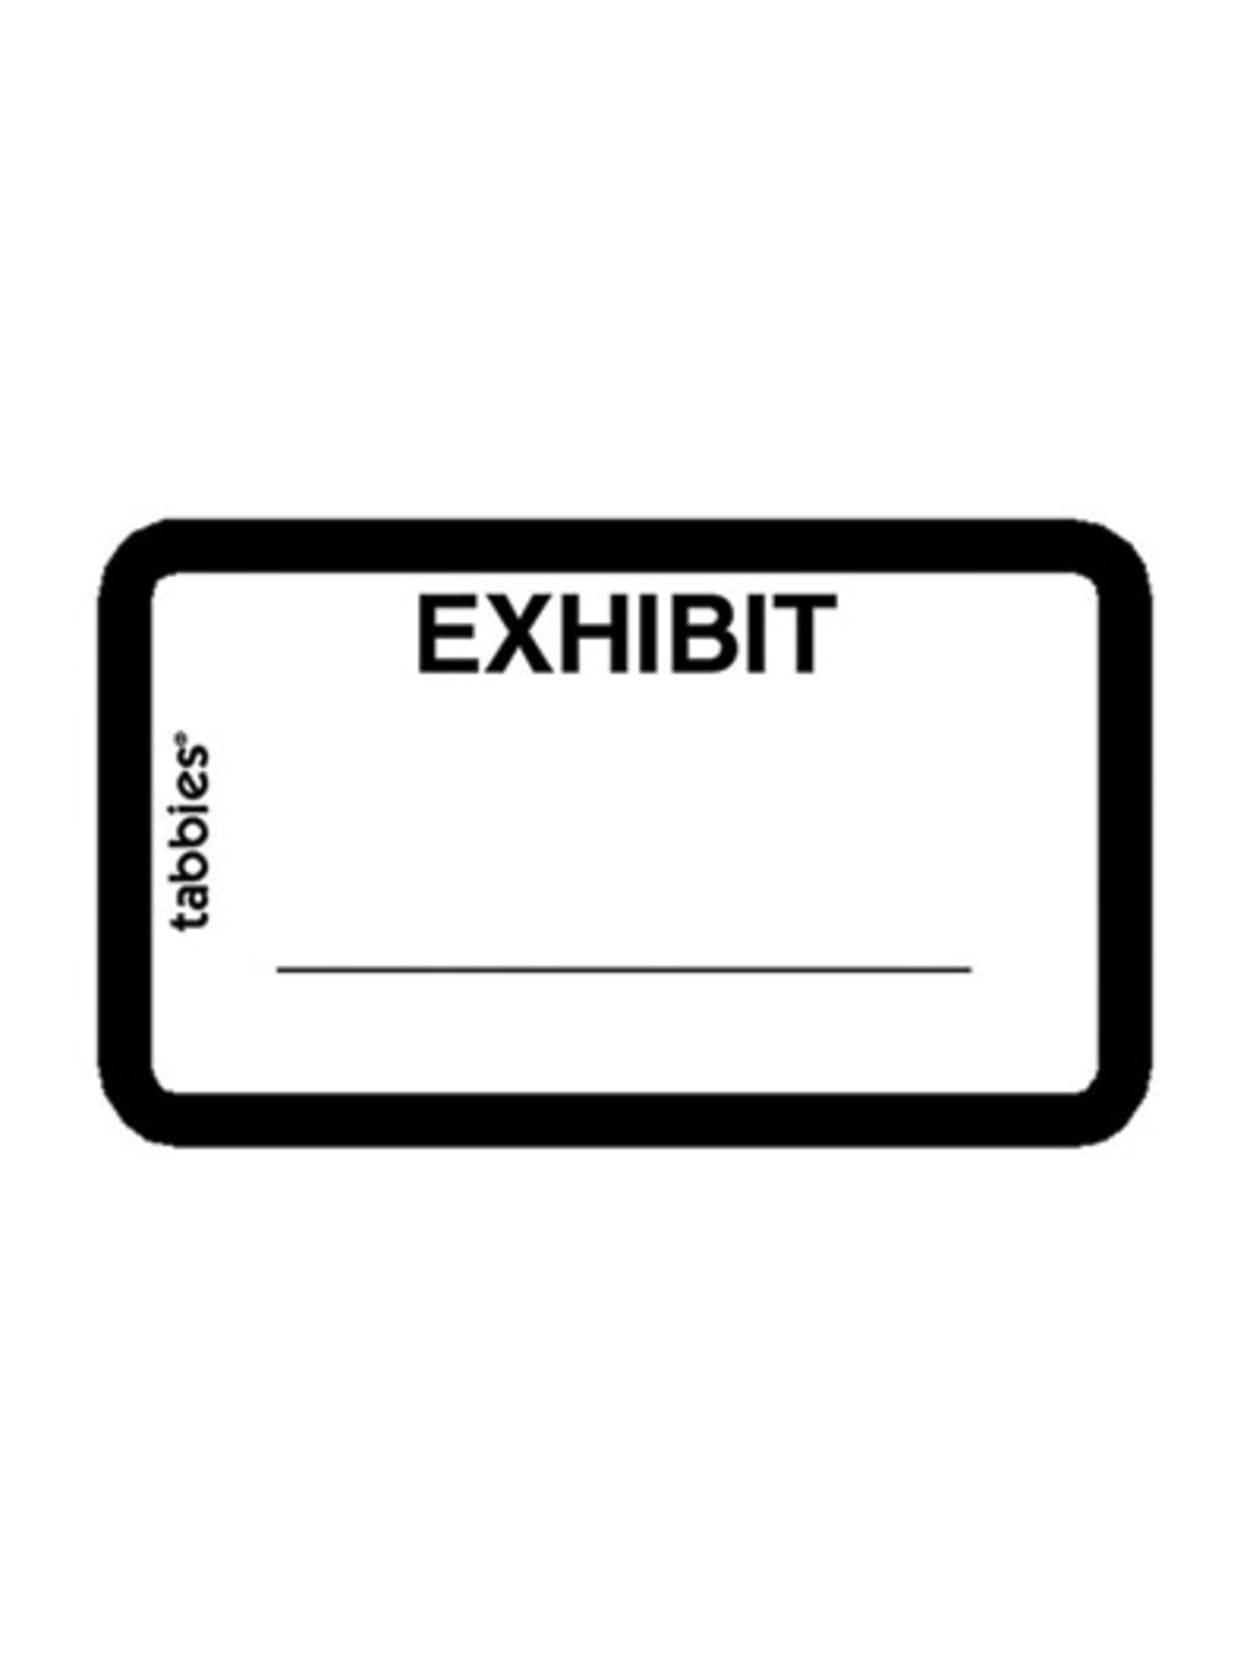 100 per pack 21-30 Blue Border Tabbies/® Exhibt Index Labels